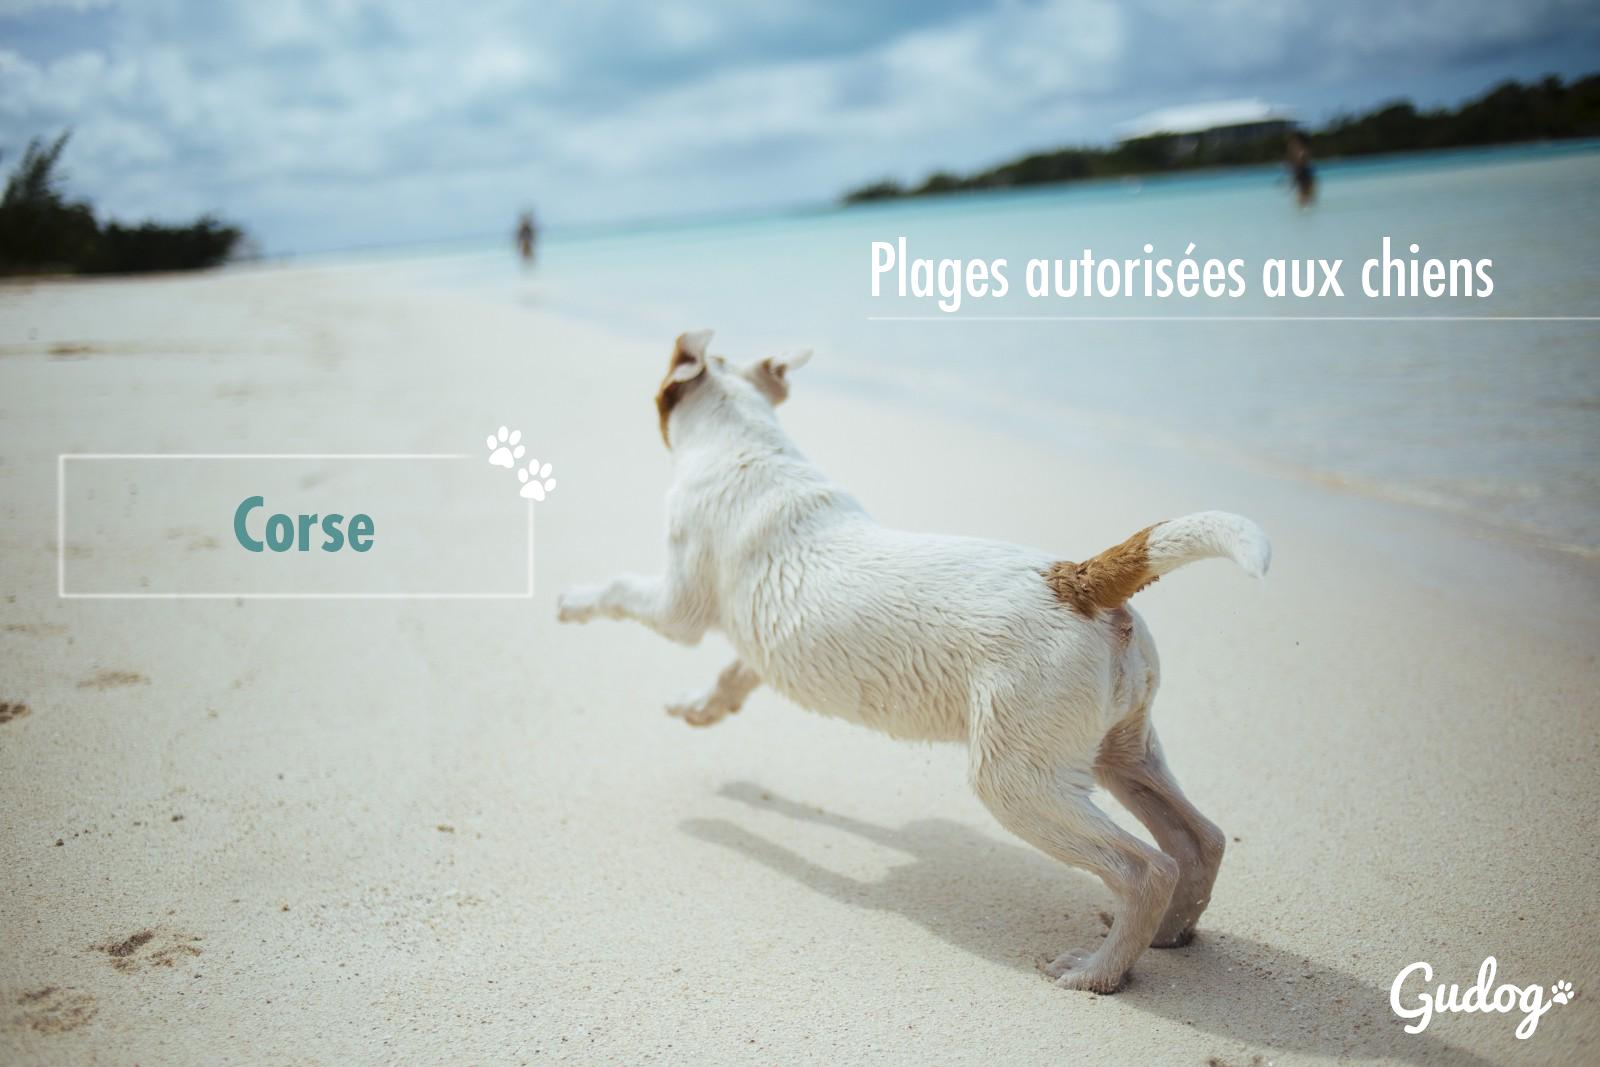 Plages autorisées aux chiens Corse